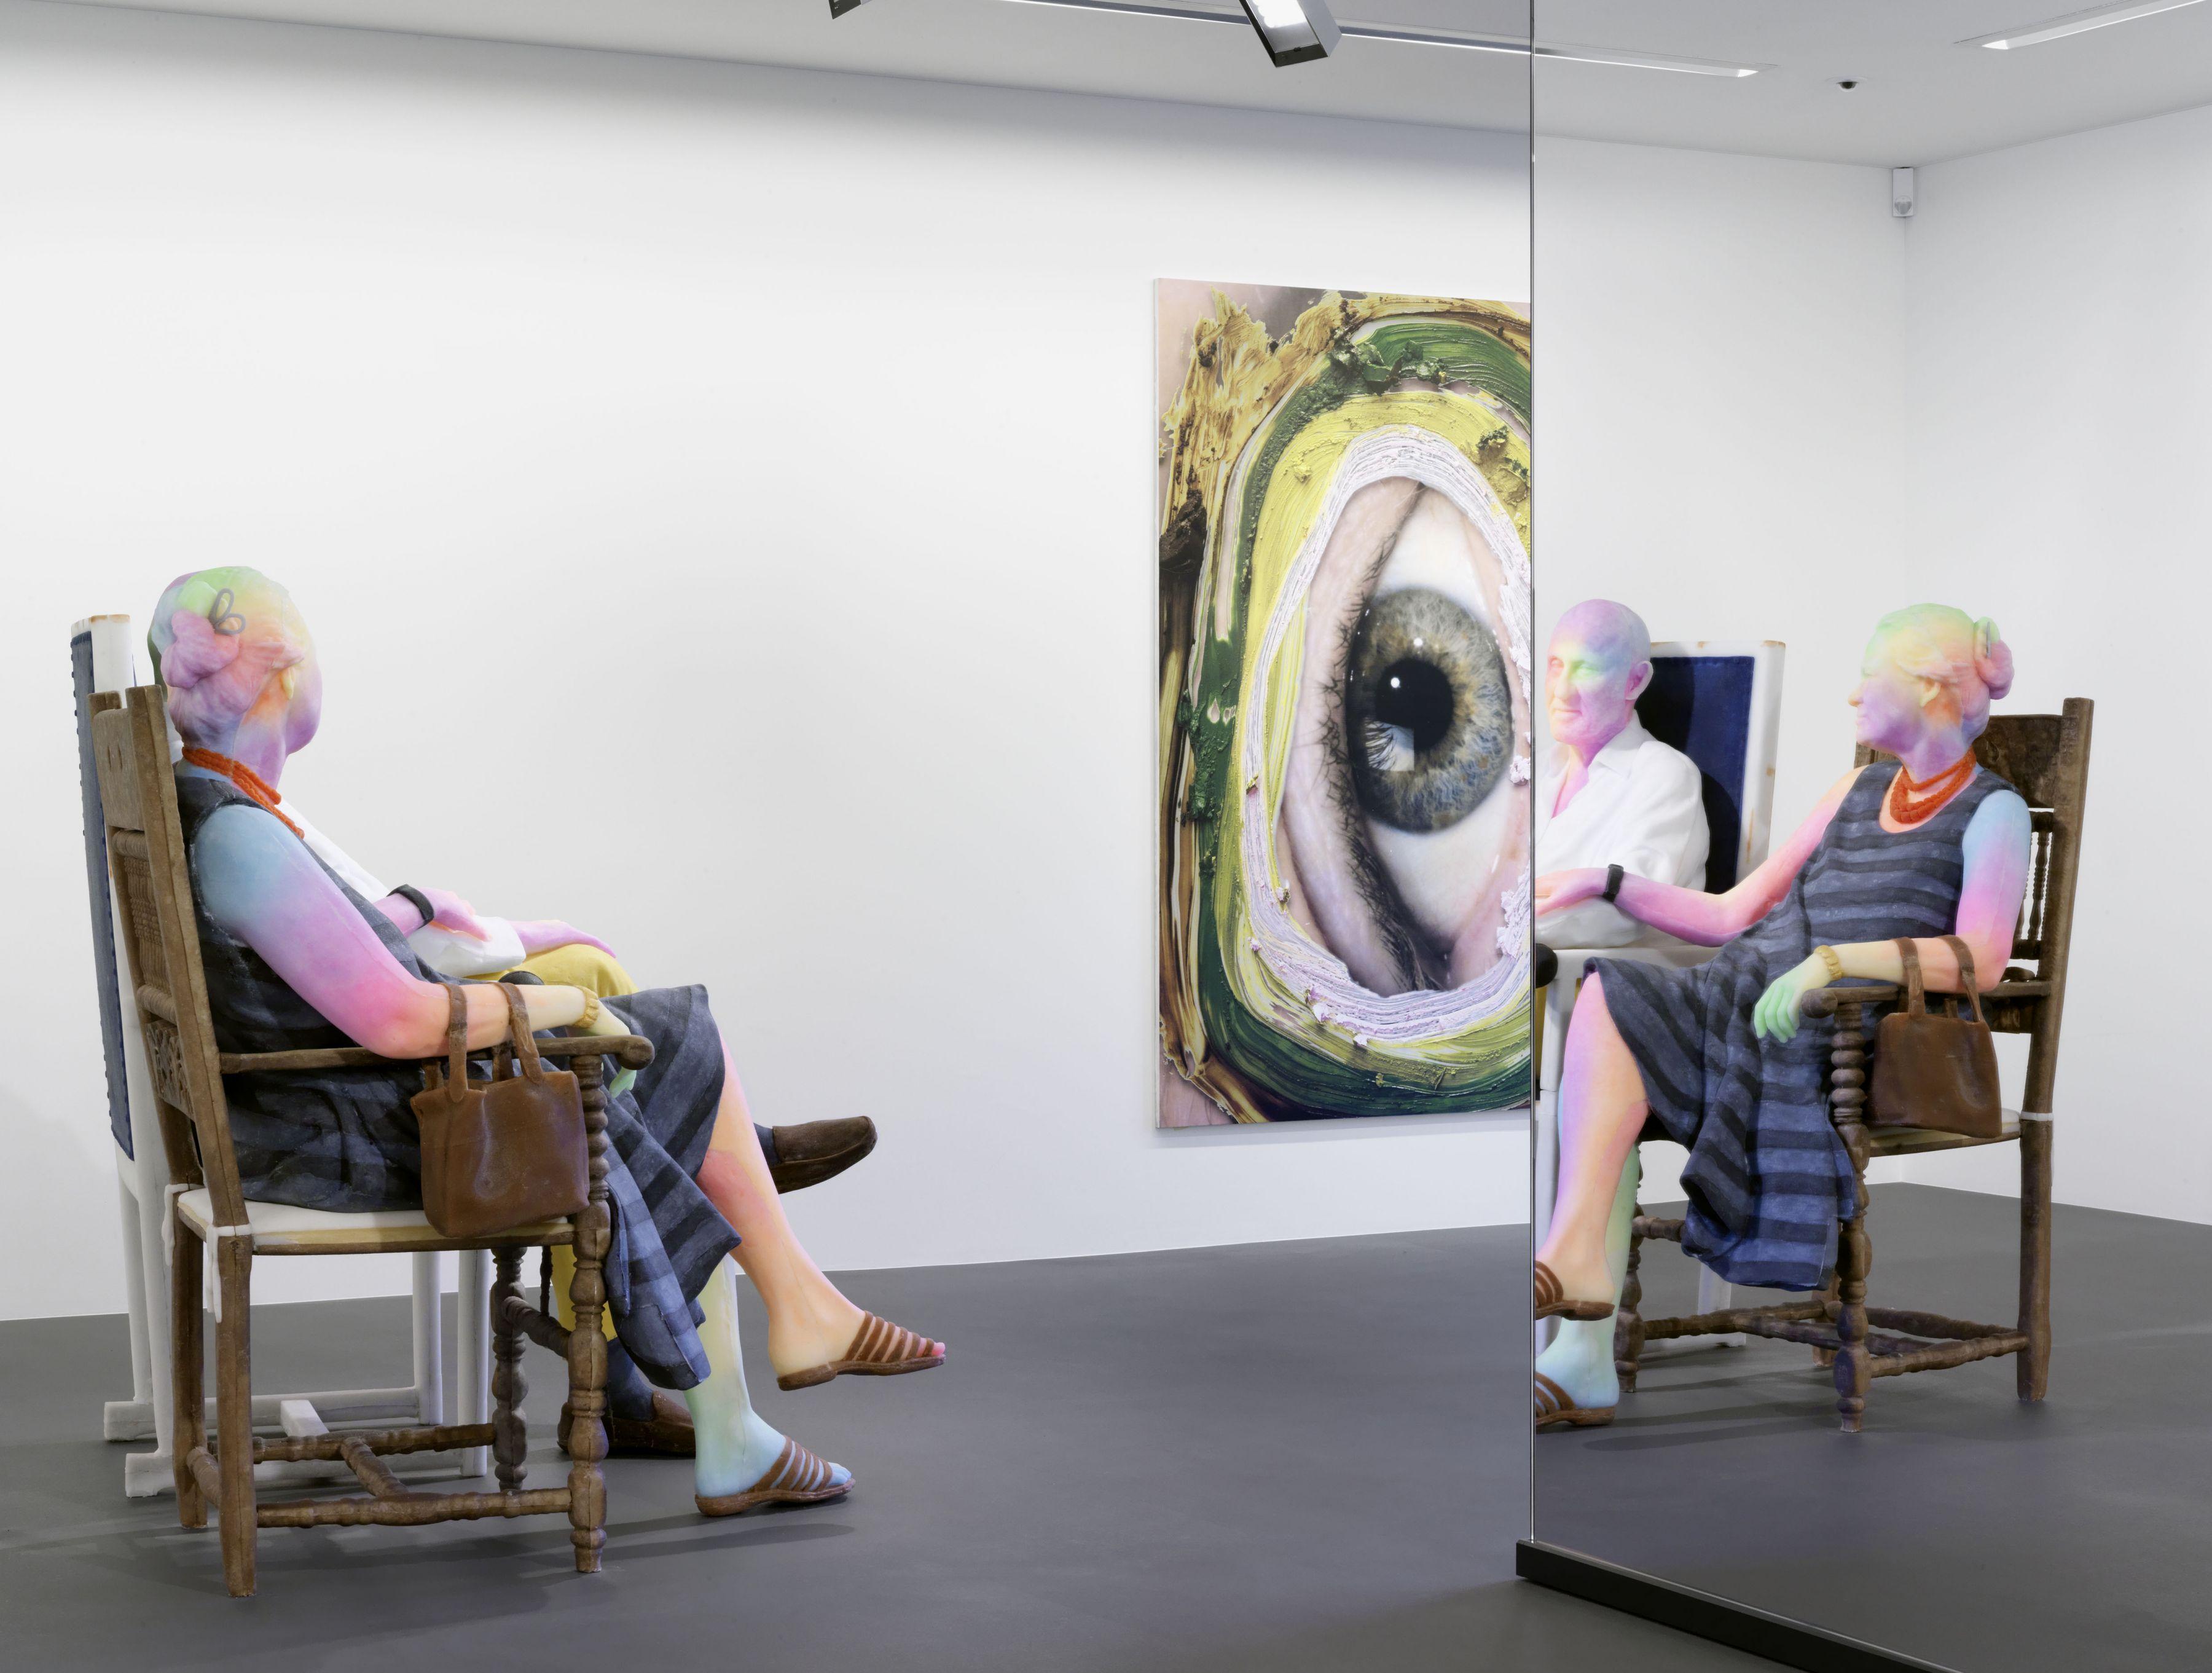 Installation view,Urs Fischer:Bruno & Yoyo,Vito Schnabel Gallery, St. Moritz, 2015